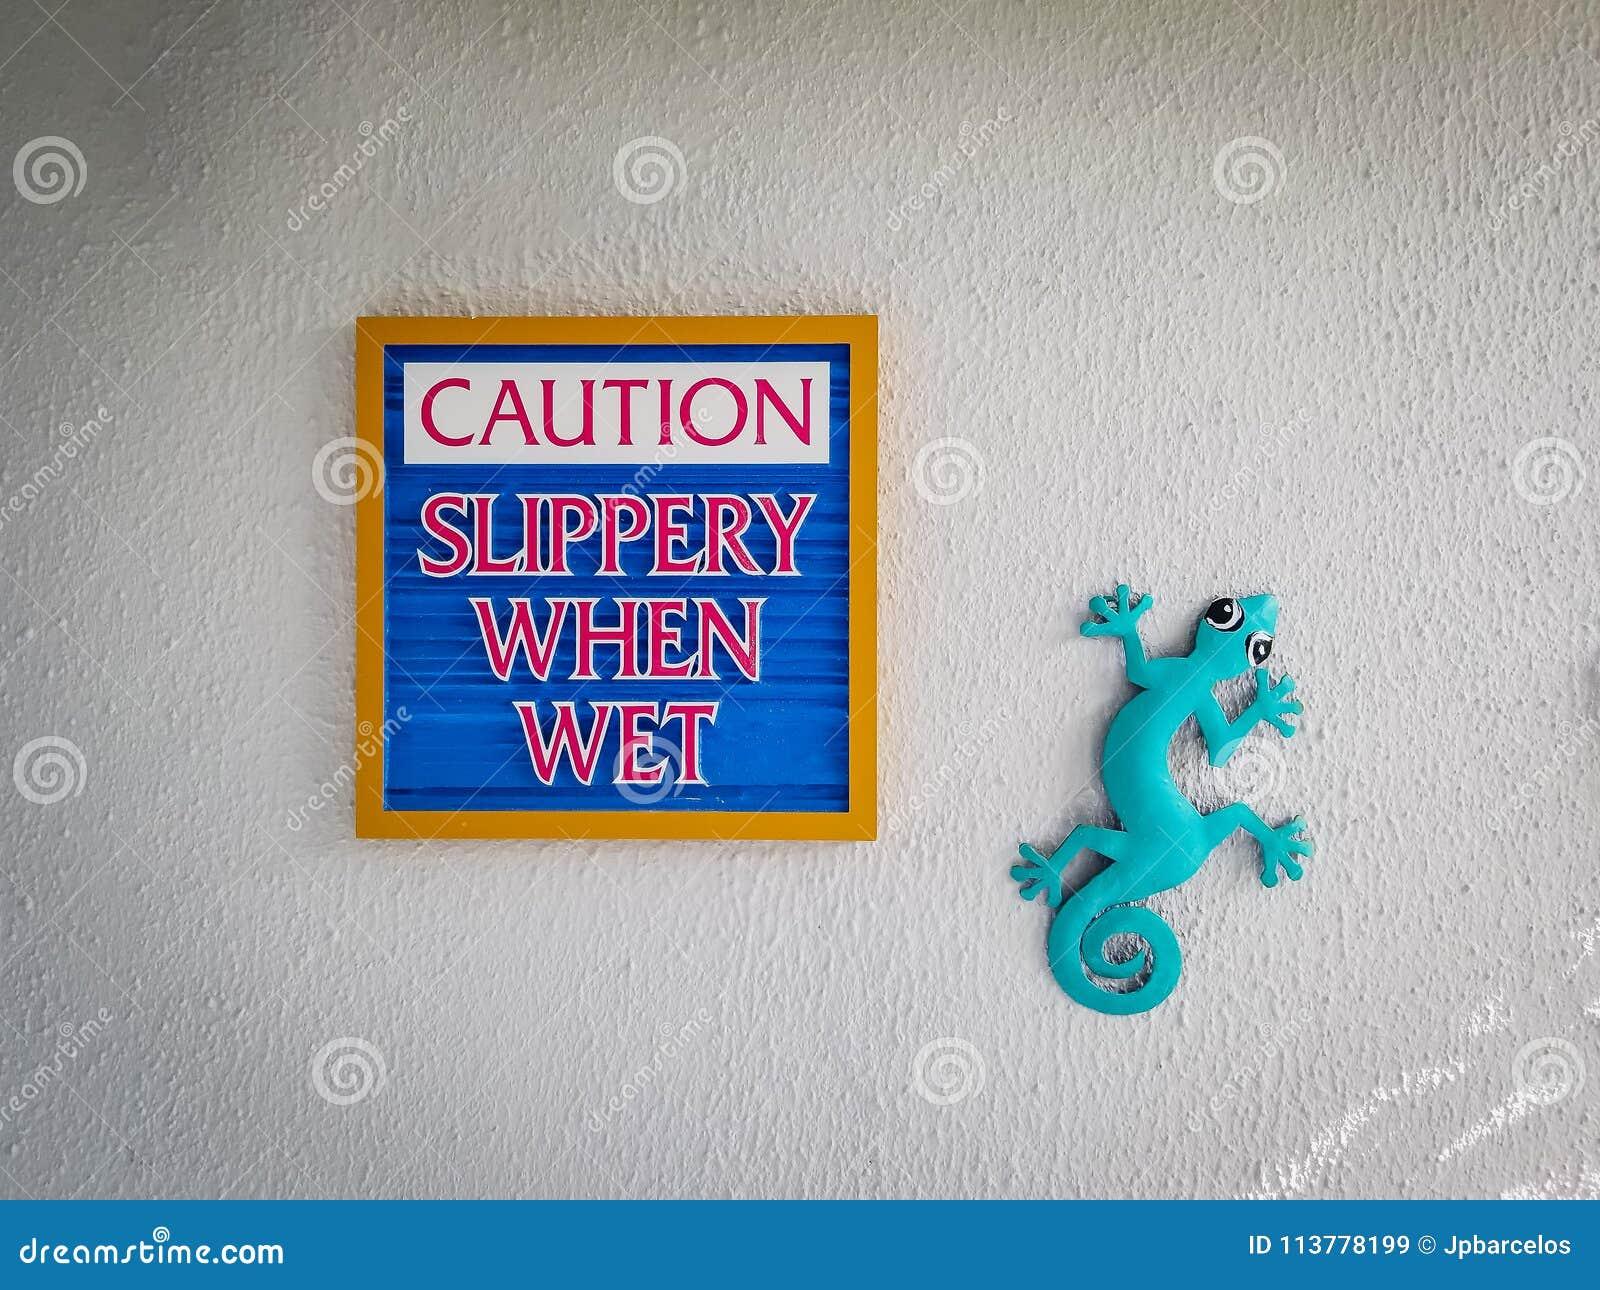 Teken glad zeggen wanneer nat, voorzichtigheid typisch ambachtkunstwerk DE